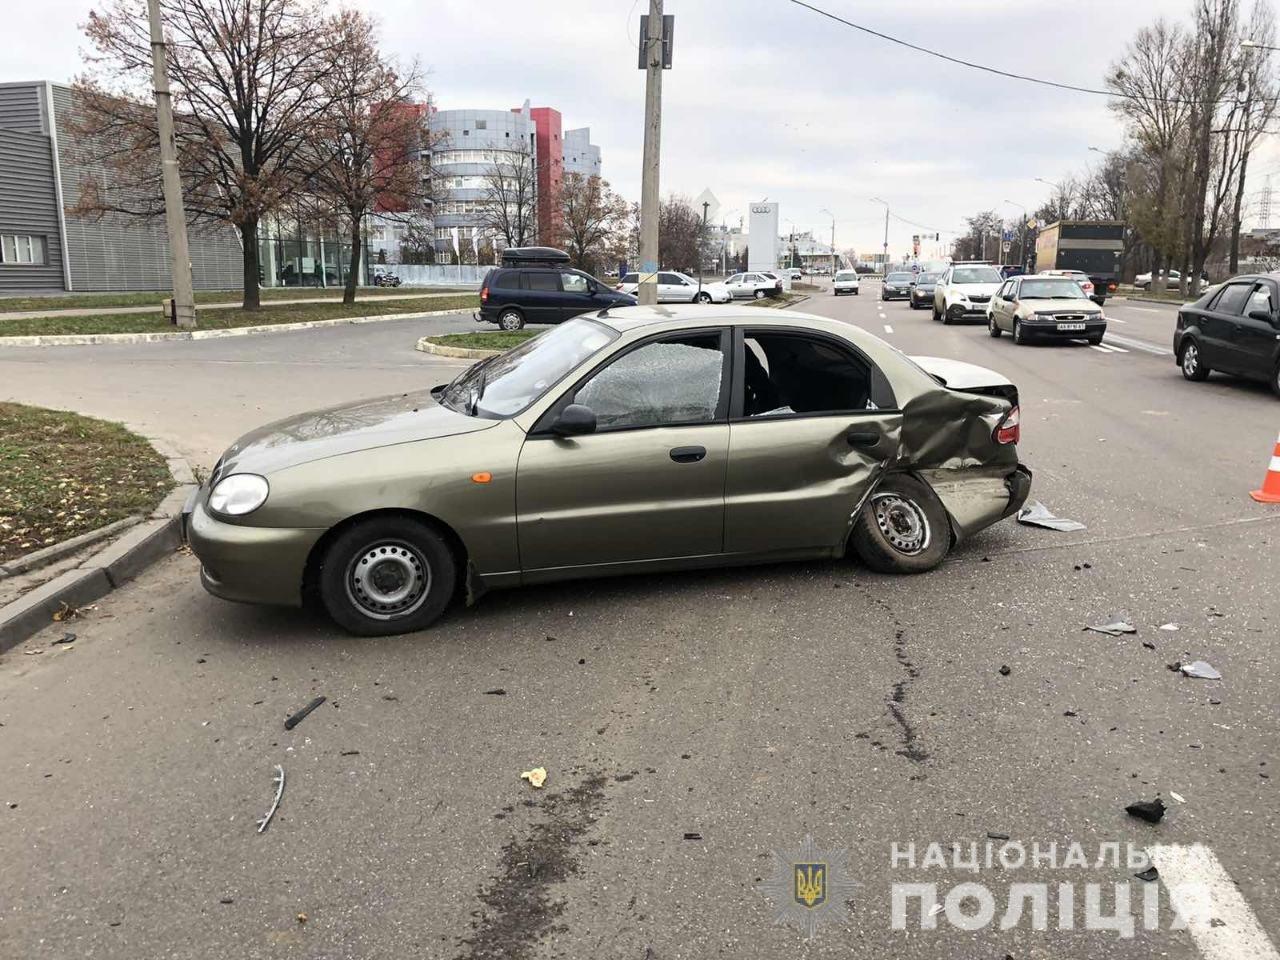 В Харькове внедорожник «влетел» в легковой автомобиль: пострадали дети и мужчина, - ФОТО, фото-2